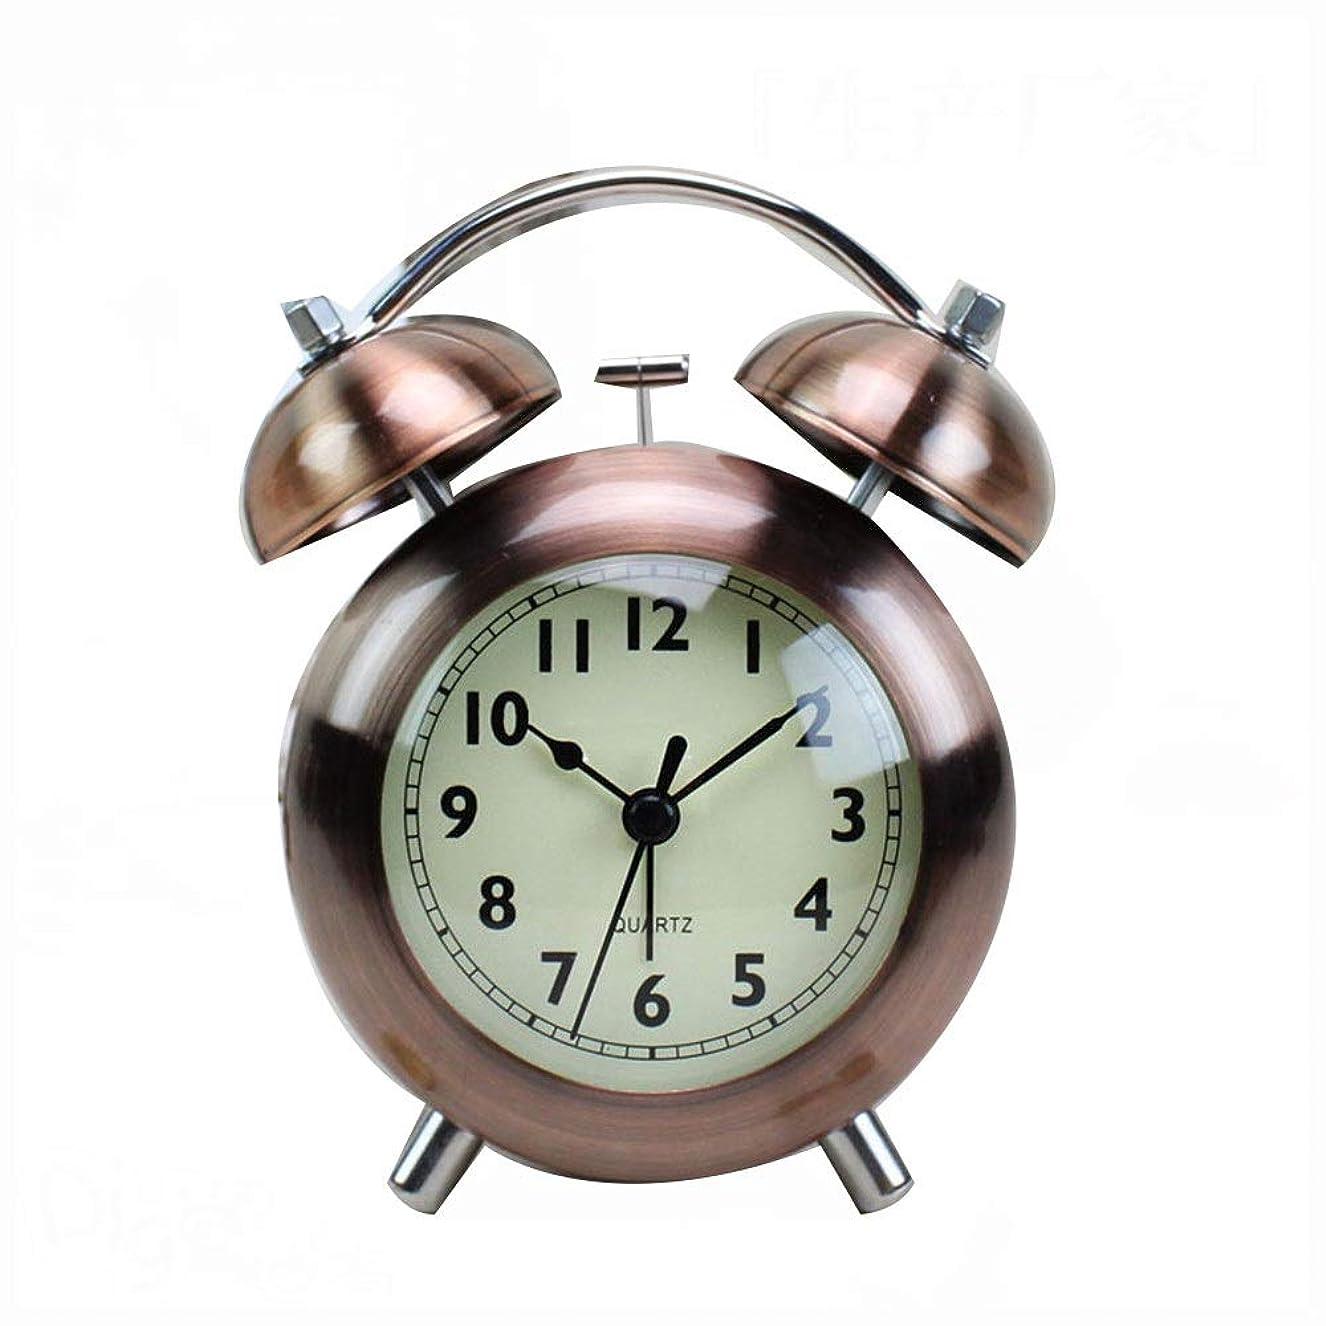 突き刺す落胆するメダル置き時計- ヴィンテージツインベルアラーム時計中空サイレントベッドサイドバッテリー時計以外刻々と過ぎデコレーションホームベッドルームの場合,目覚まし時計 (色 : ブロンズ, サイズ : 10.2x5x14cm)